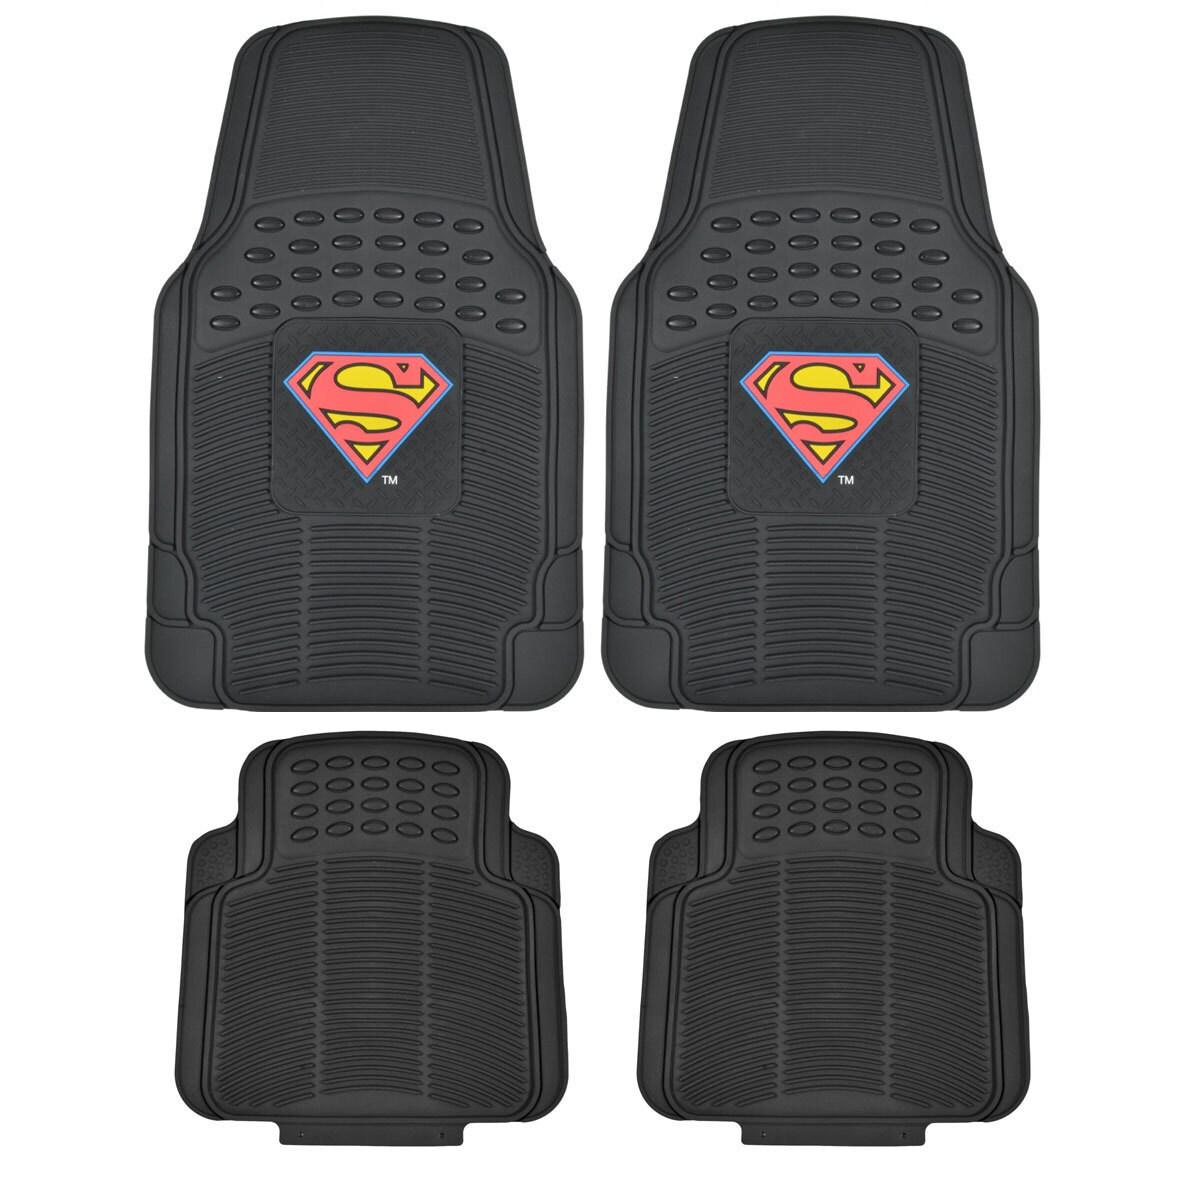 Warner Brothers BDK Superman Rubber Floor Mats 4-Piece Of...